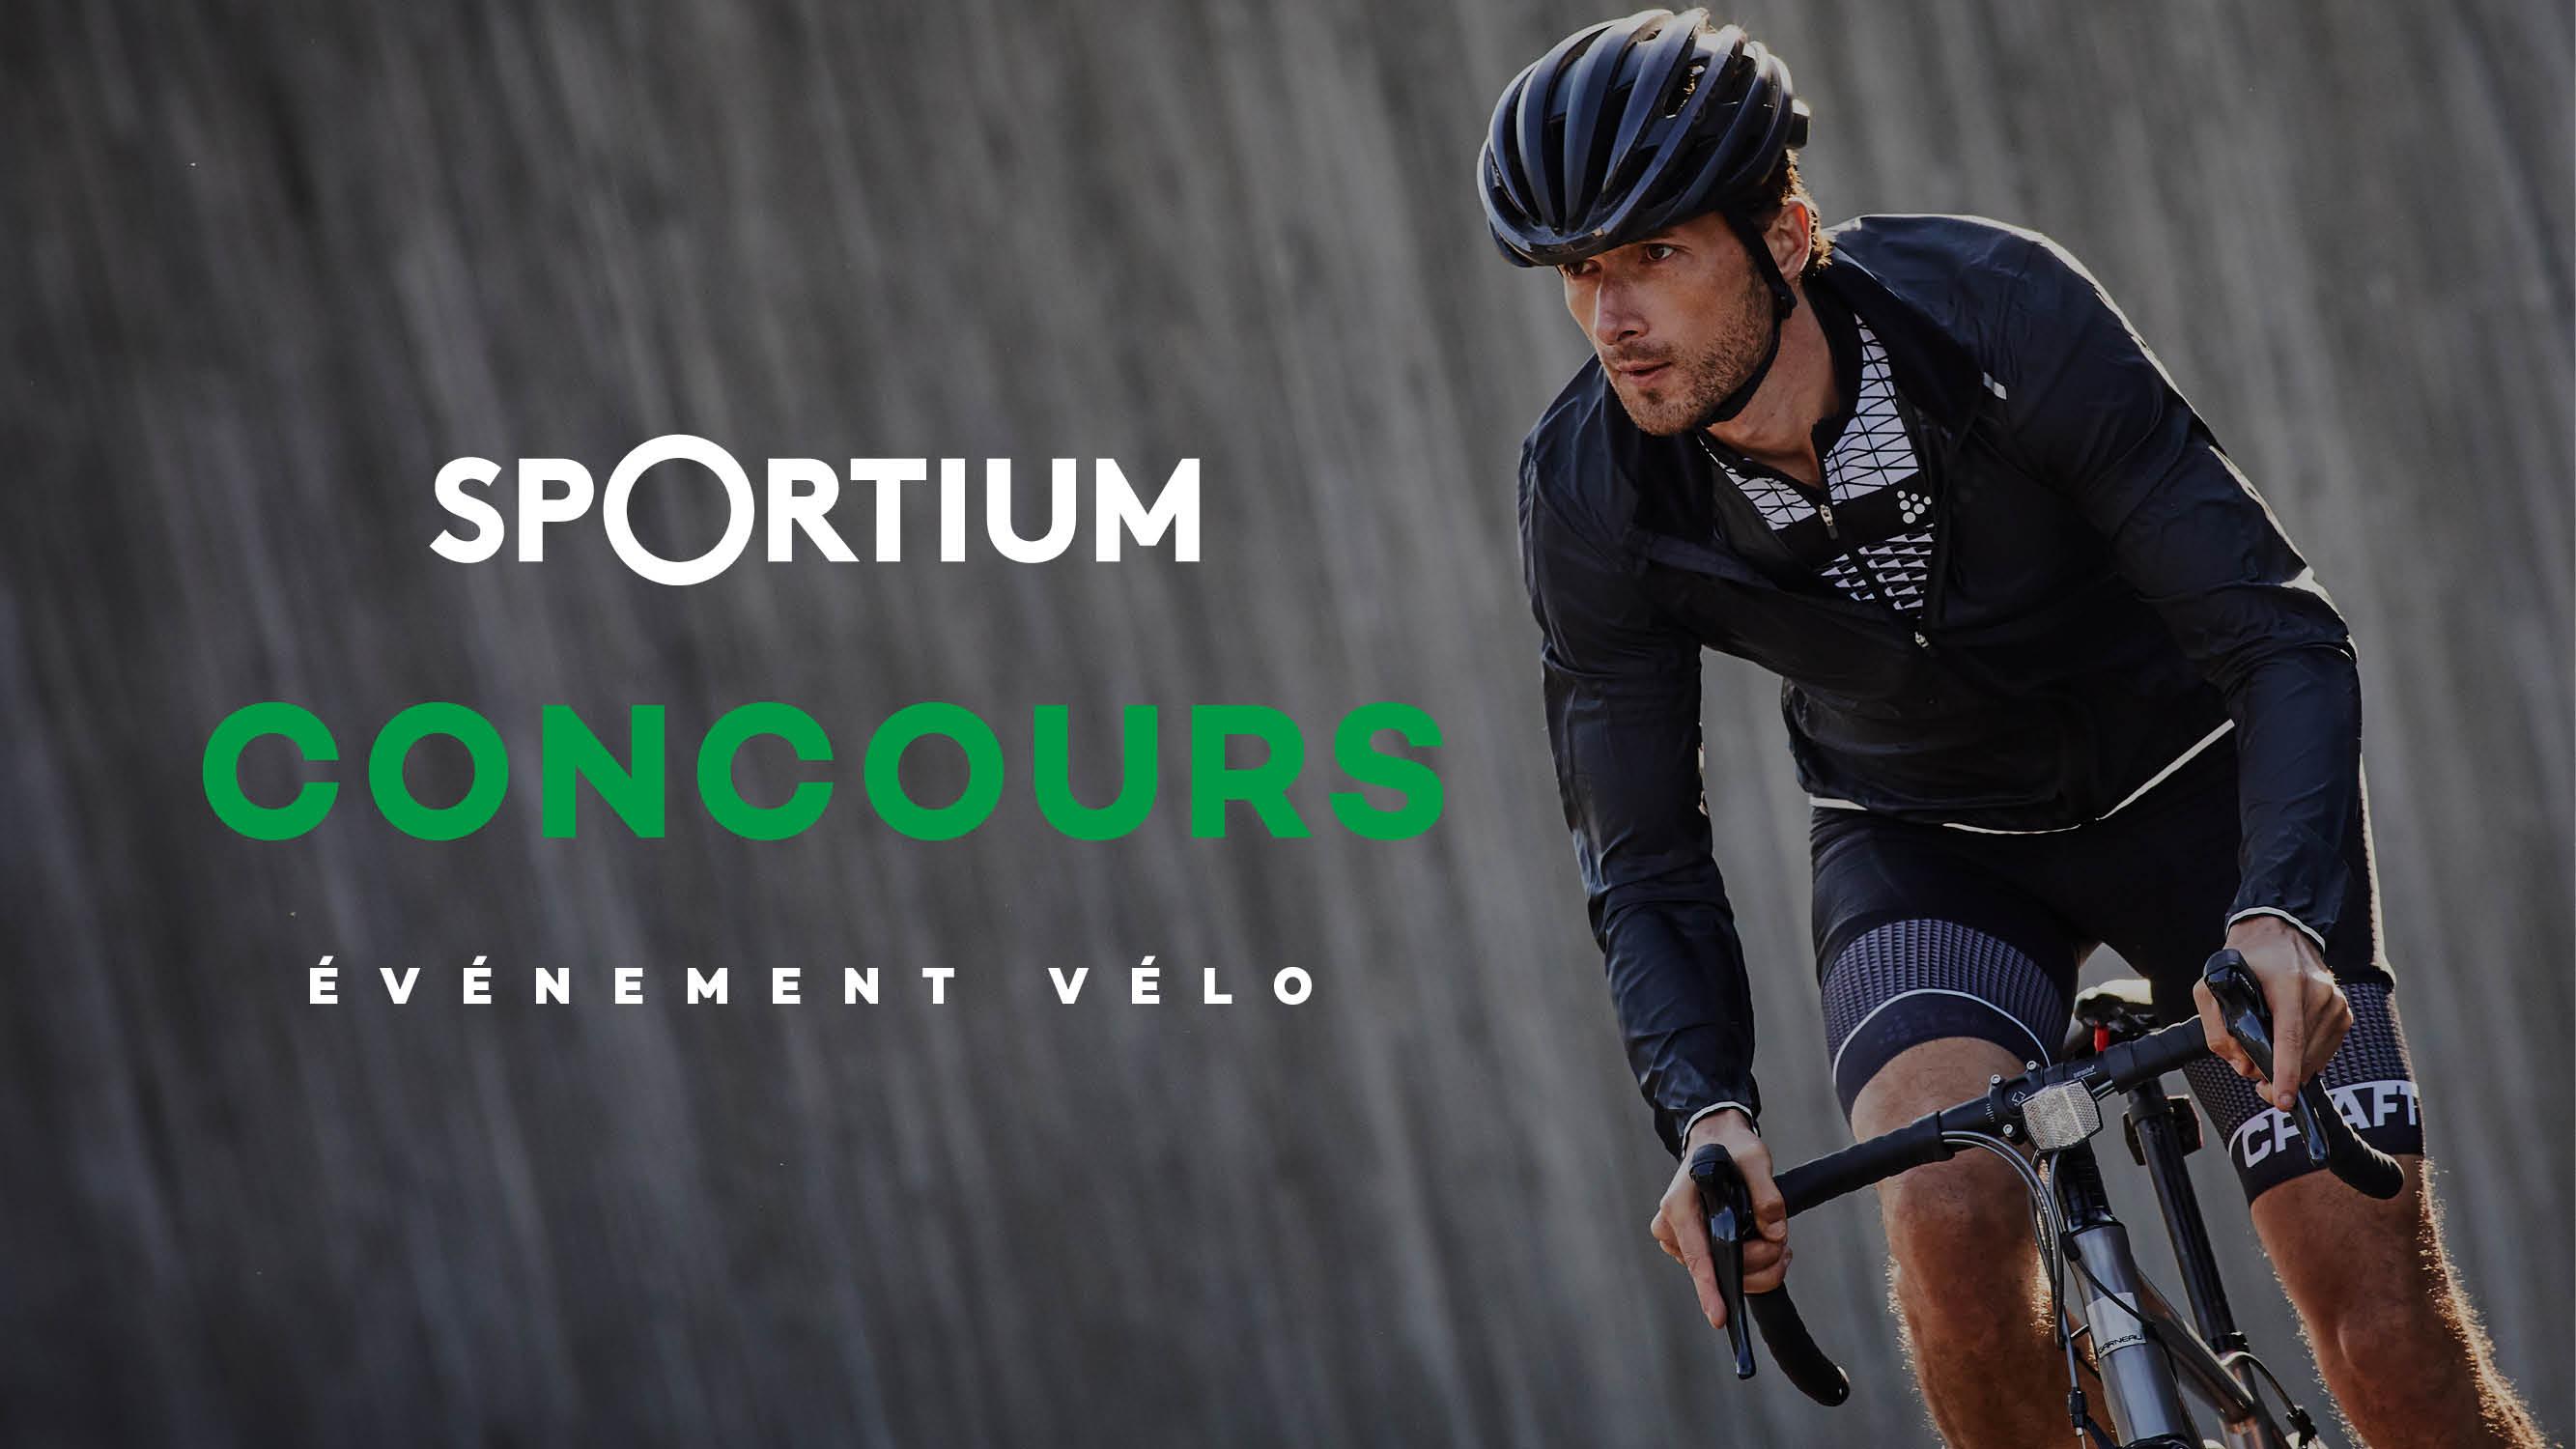 Équipez-vous avec Sportium!